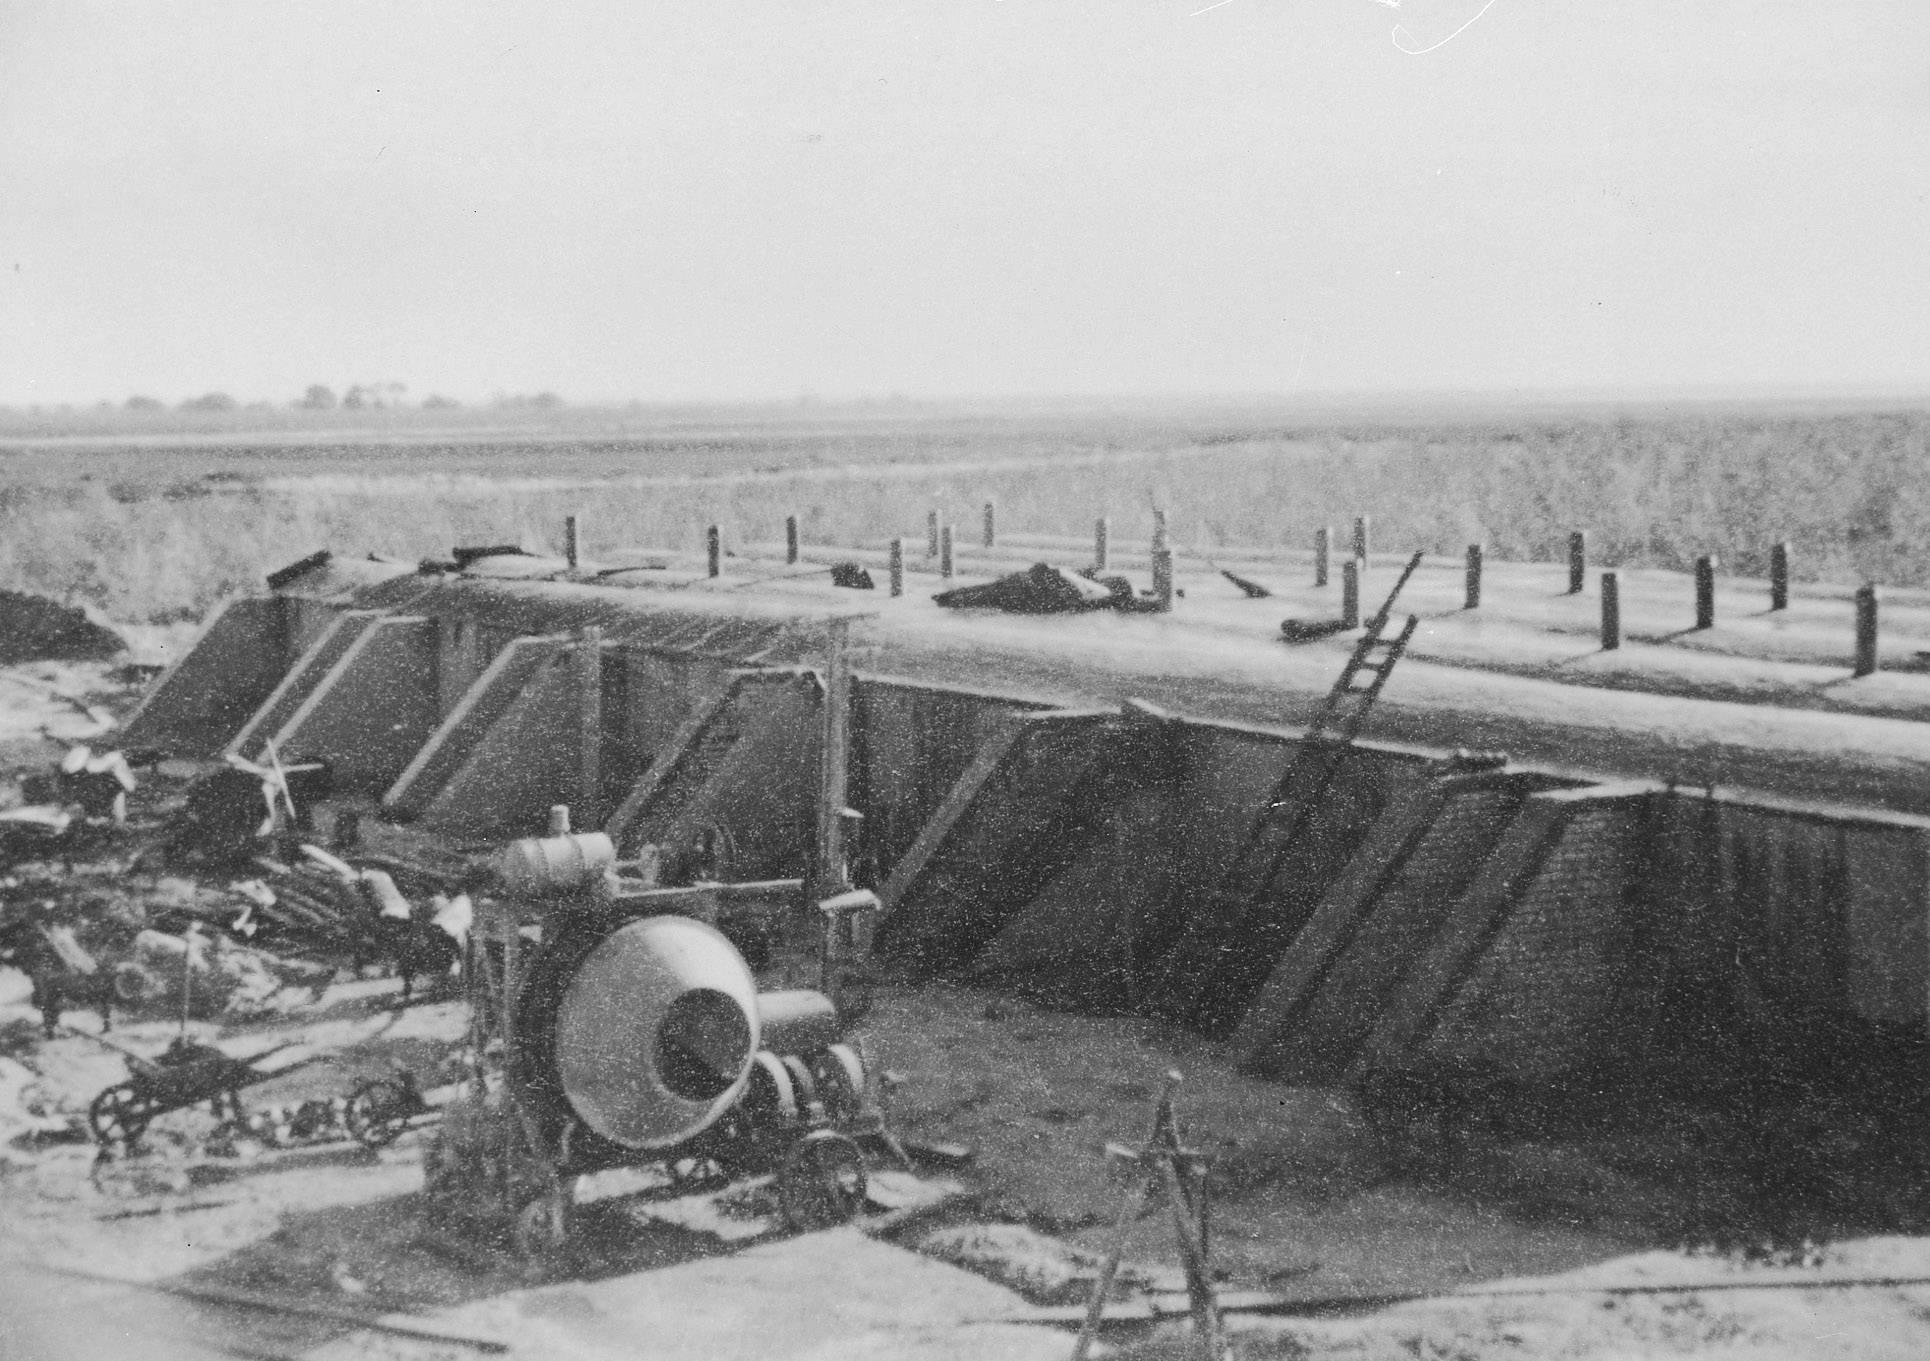 De aardappelkelder in aanbouw.